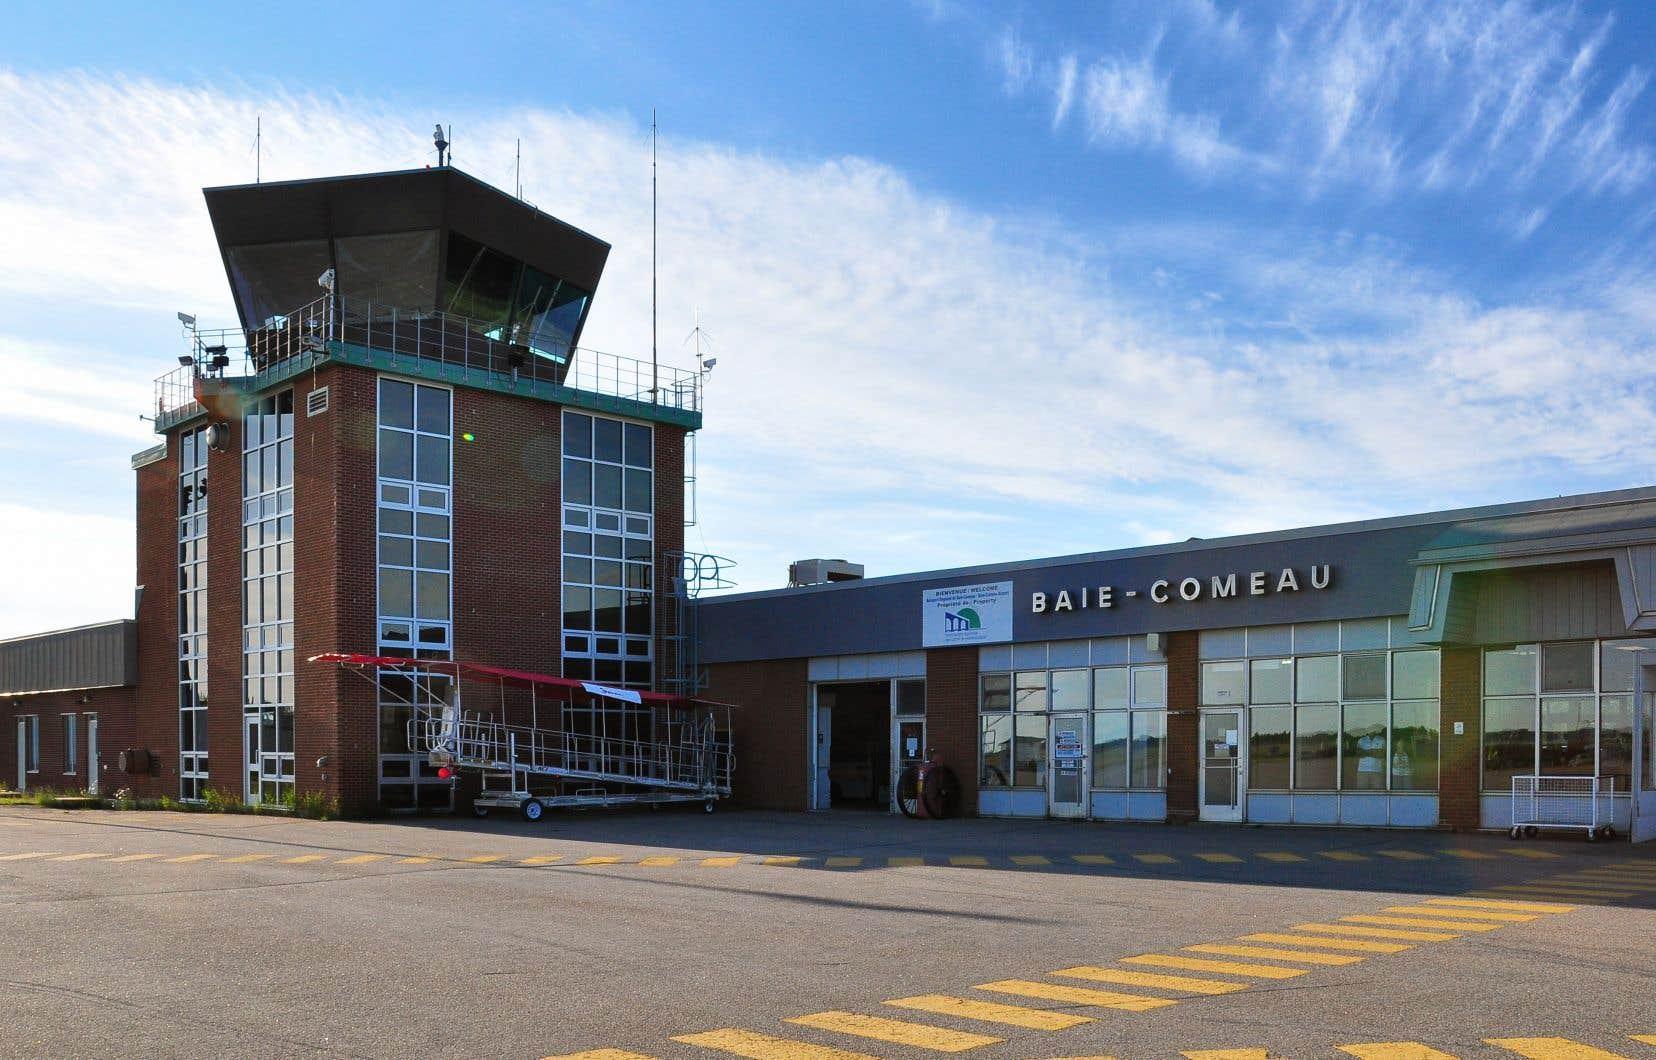 Cinq aéroports régionaux, dont celui de Baie-Comeau en photo, ont annoncé la création d'un comité de survie.